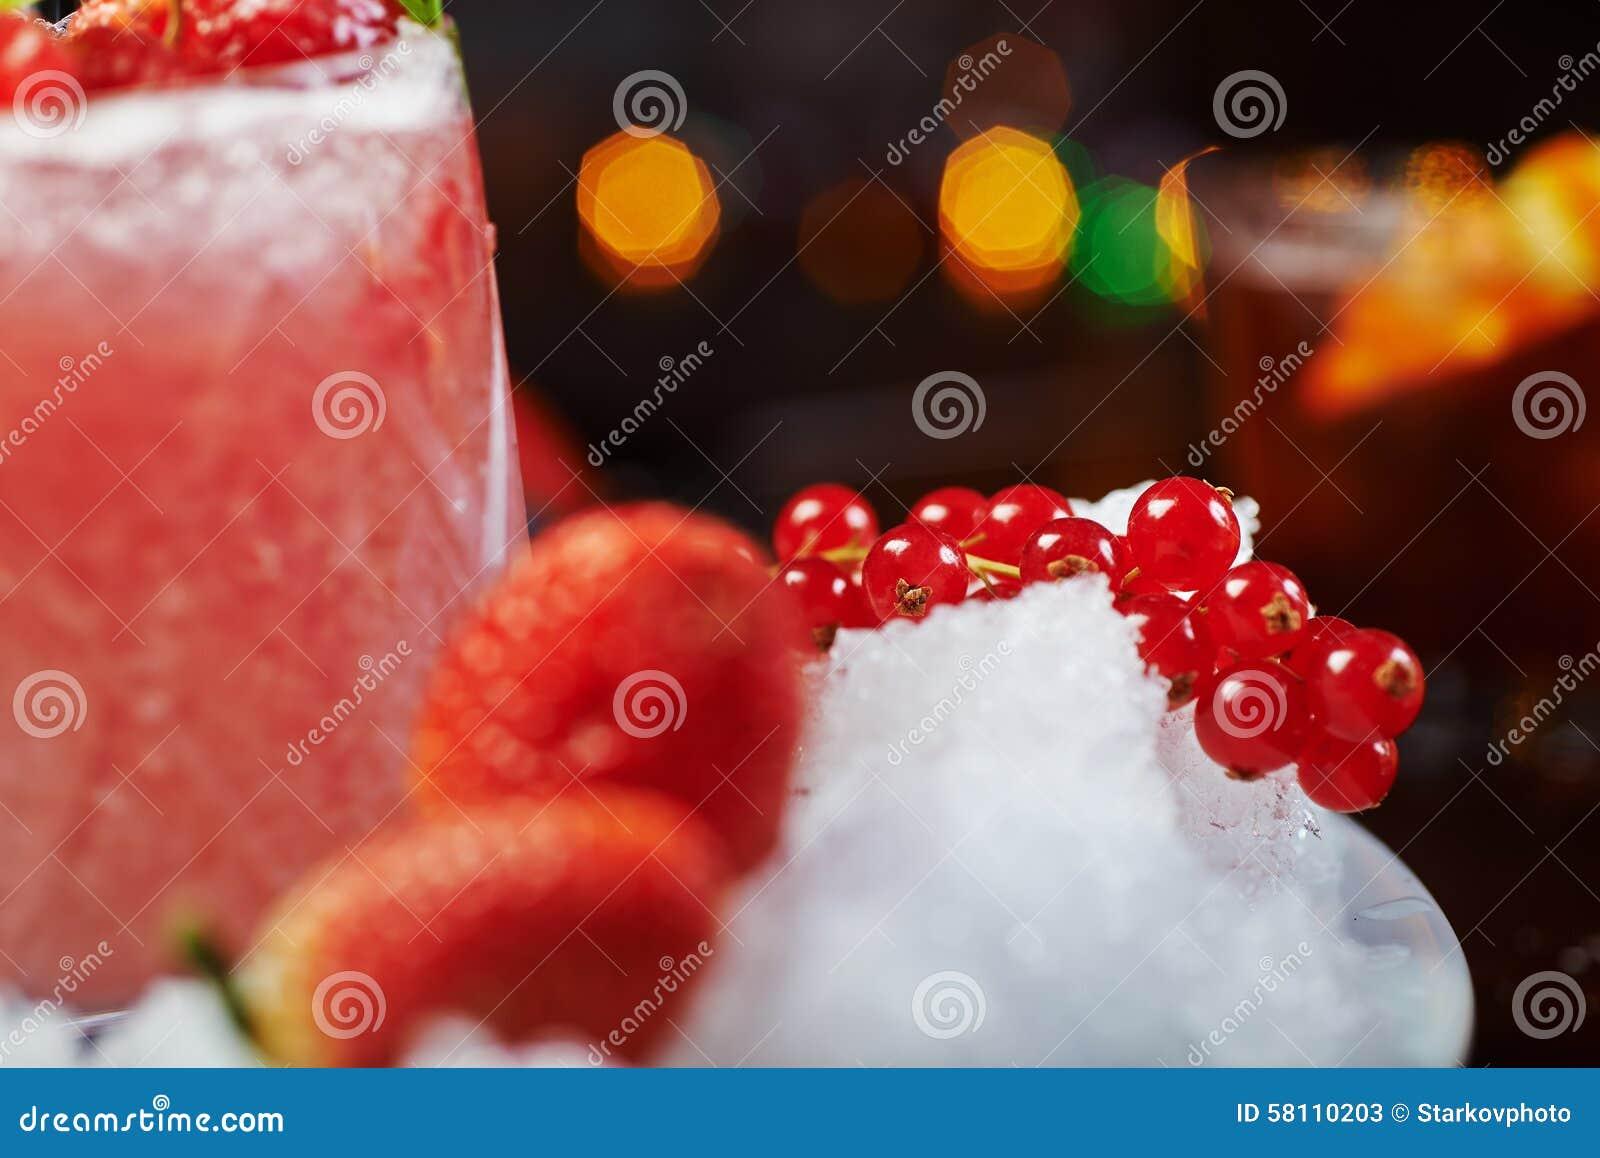 Beau et savoureux cocktail lumineux ou limonade alcoolique avec un chapeau des framboises de glace, en bon état et fraîches surge